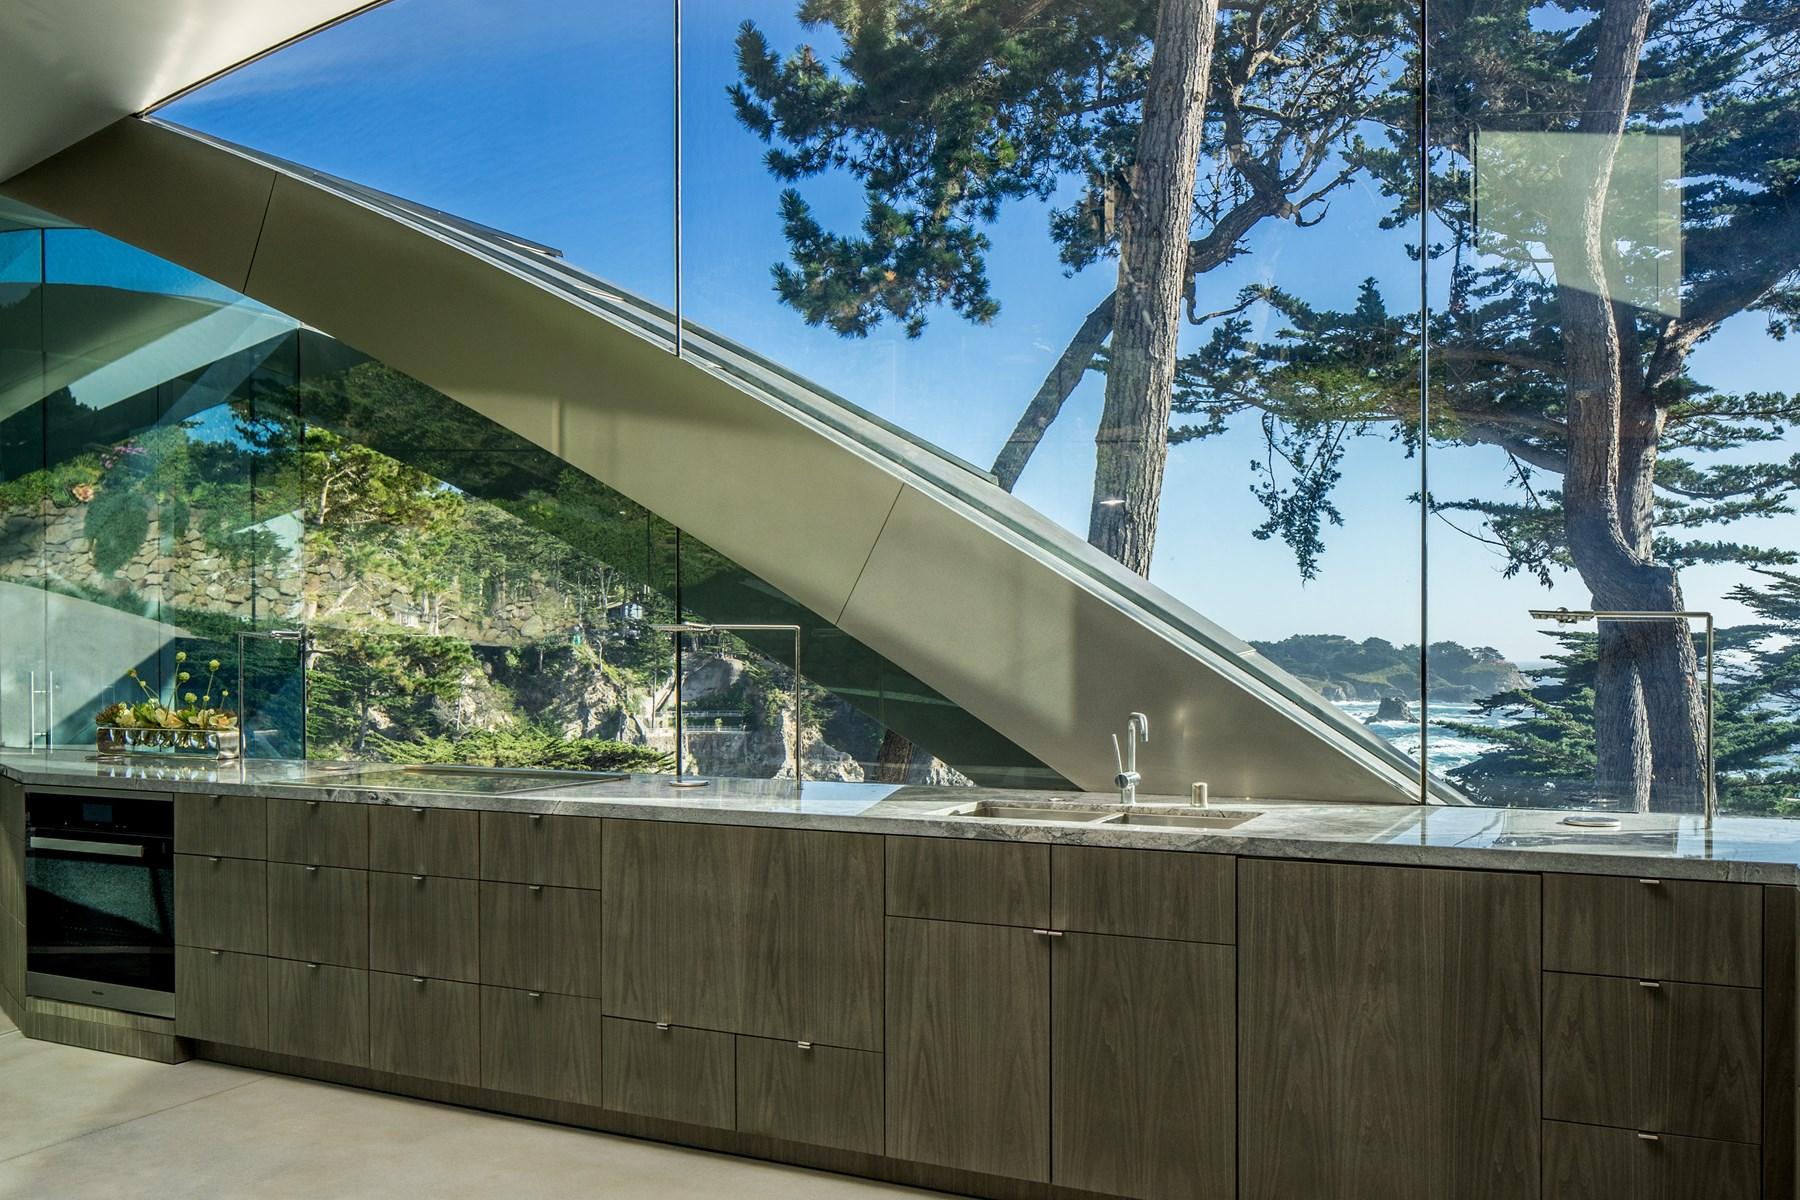 Modern kitchen with glass windows